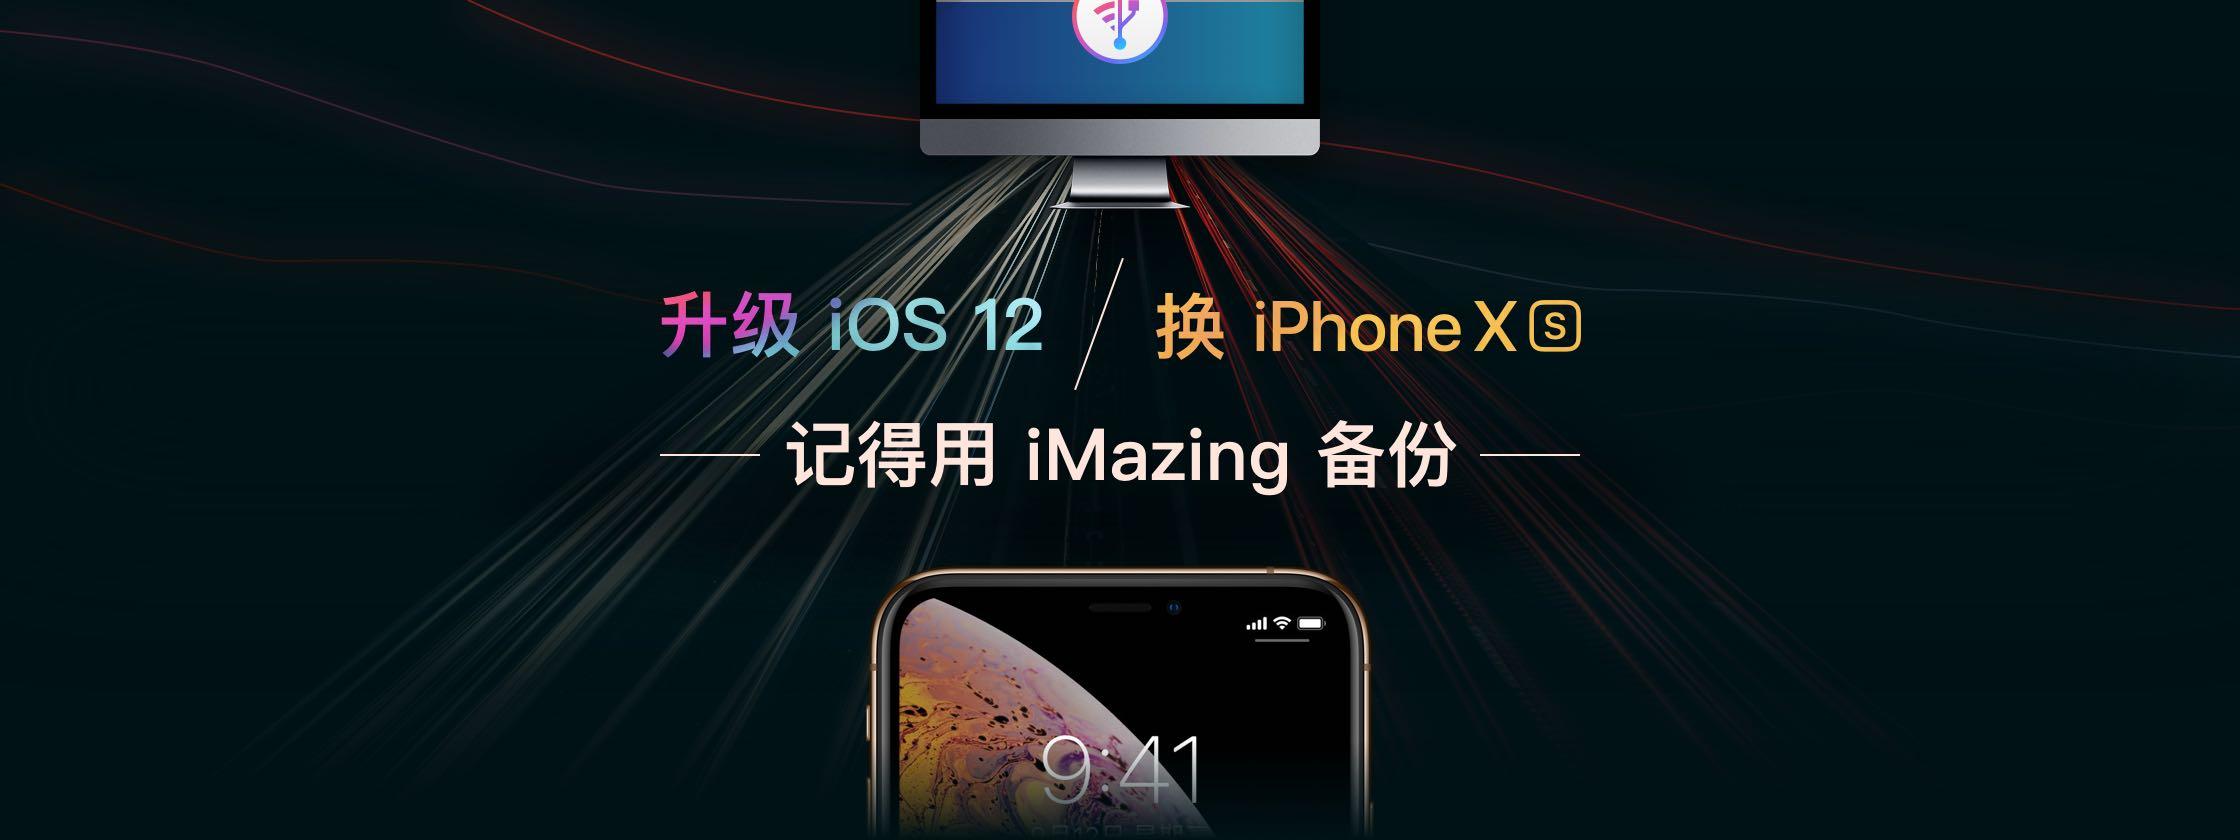 升级 iOS 12、换新 iPhone XS,用它备份数据最顺手